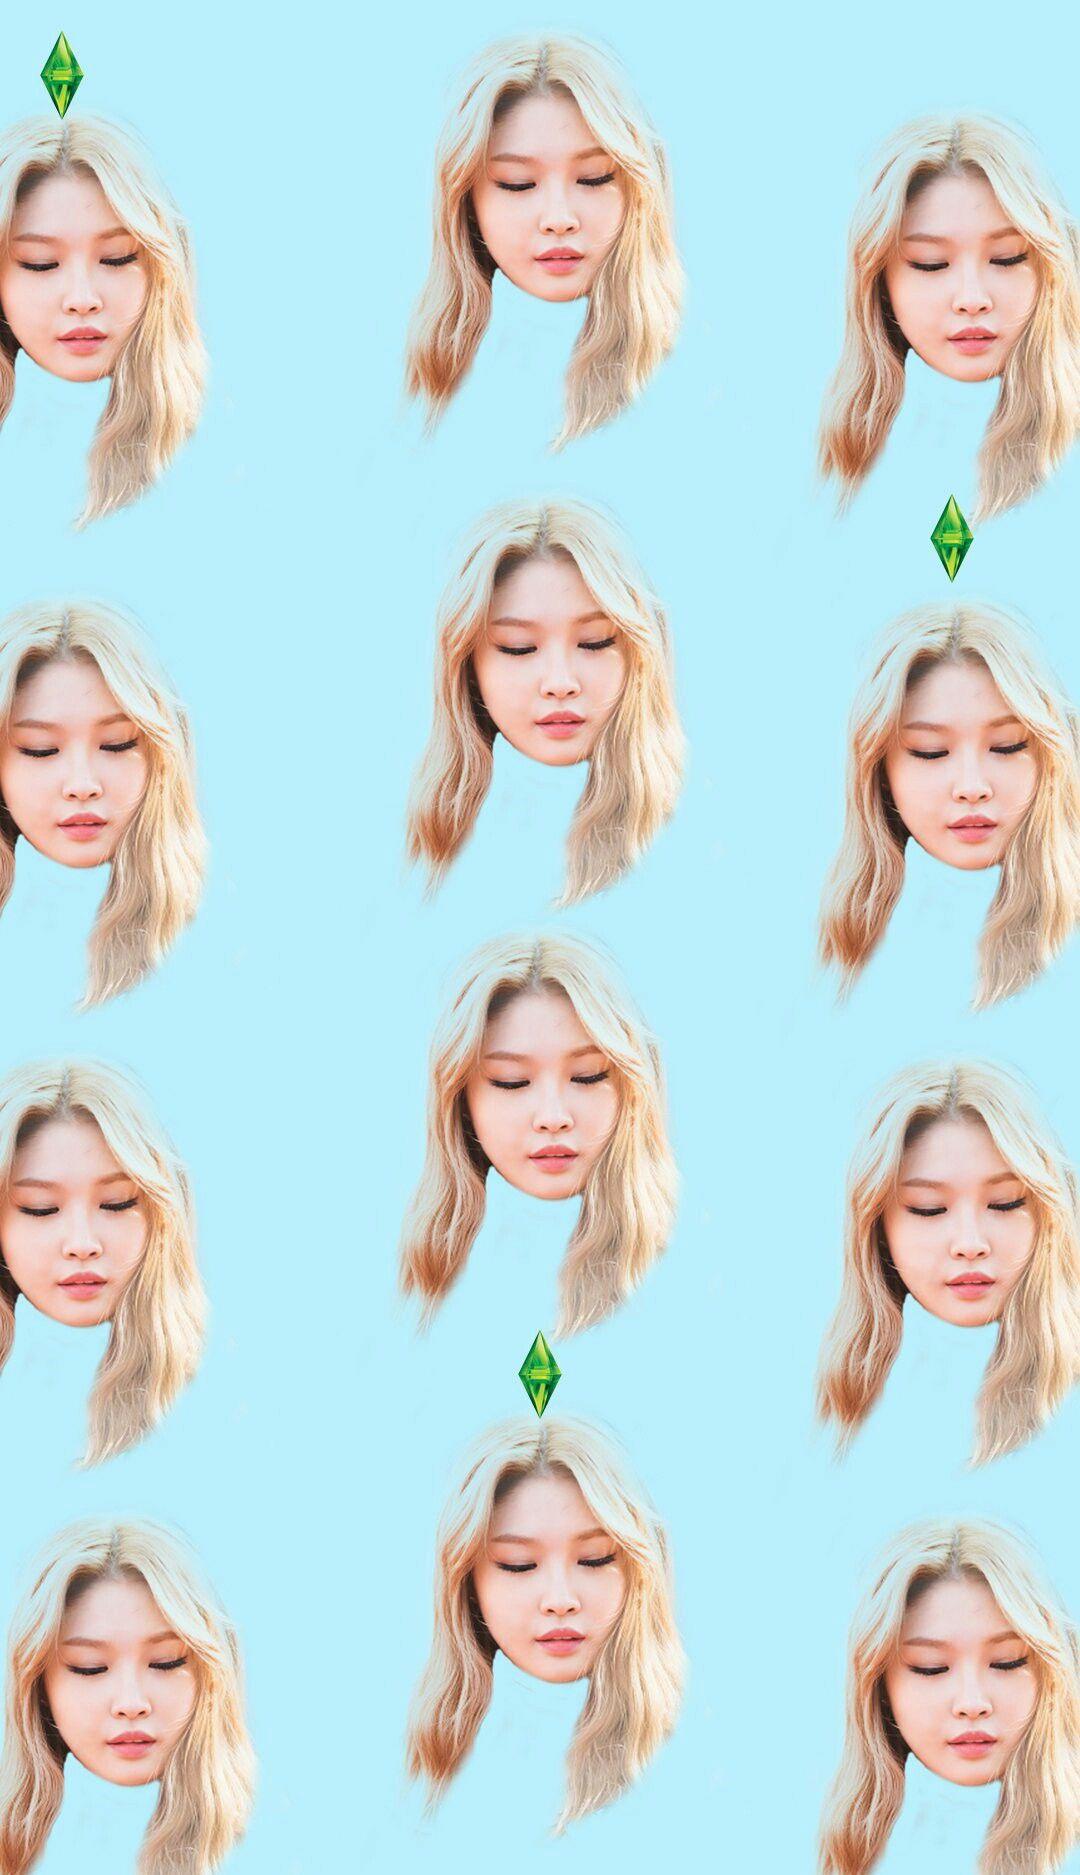 Chung Ha Face Meme Kpop Wallpaper Lockscreen Hd Fondo De